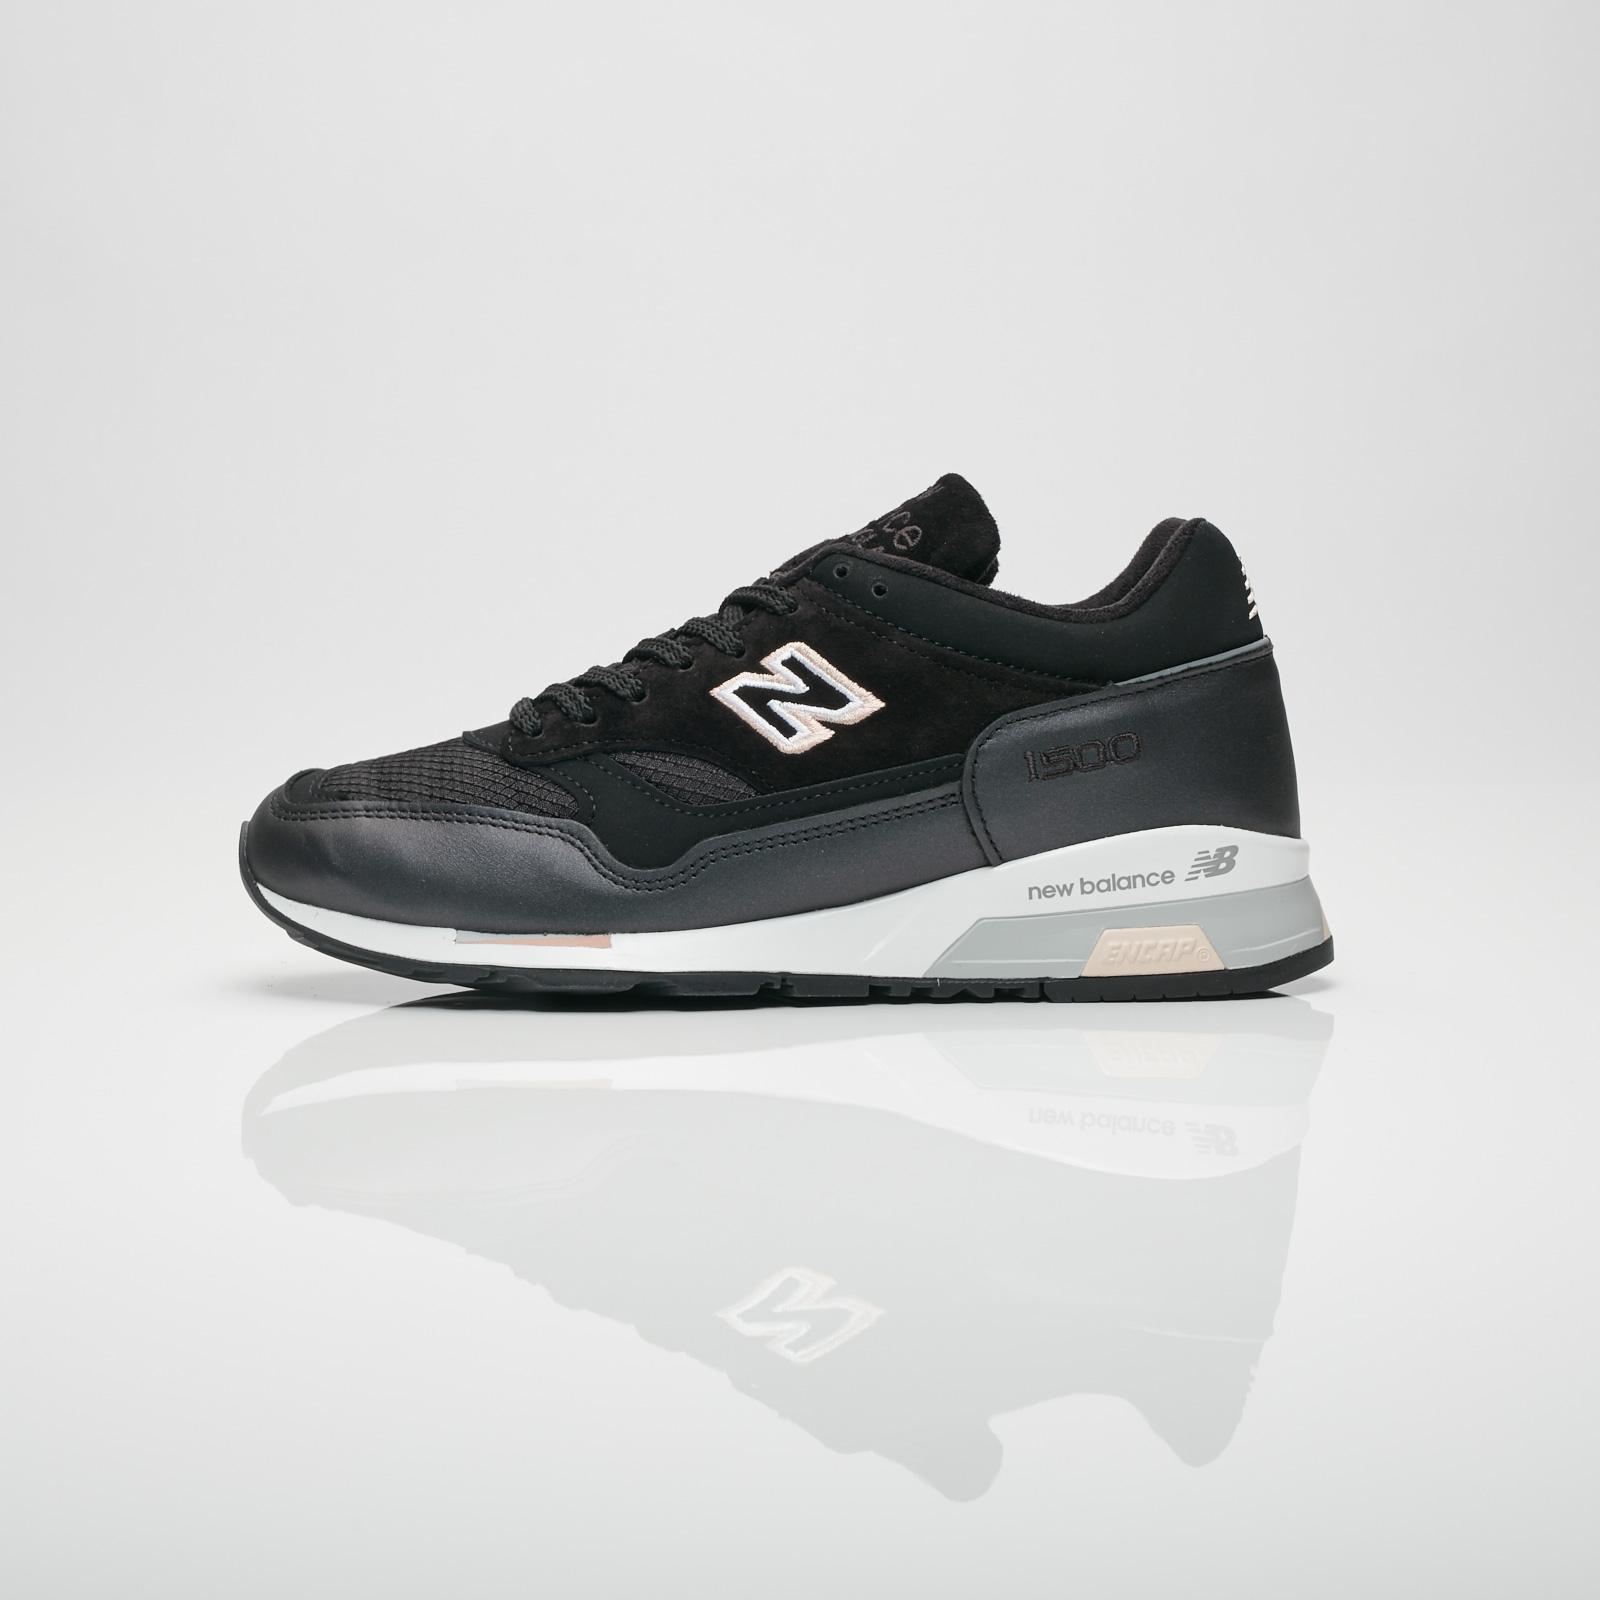 New Balance W1500SMK - W1500smk - SNS   sneakers & streetwear en ...